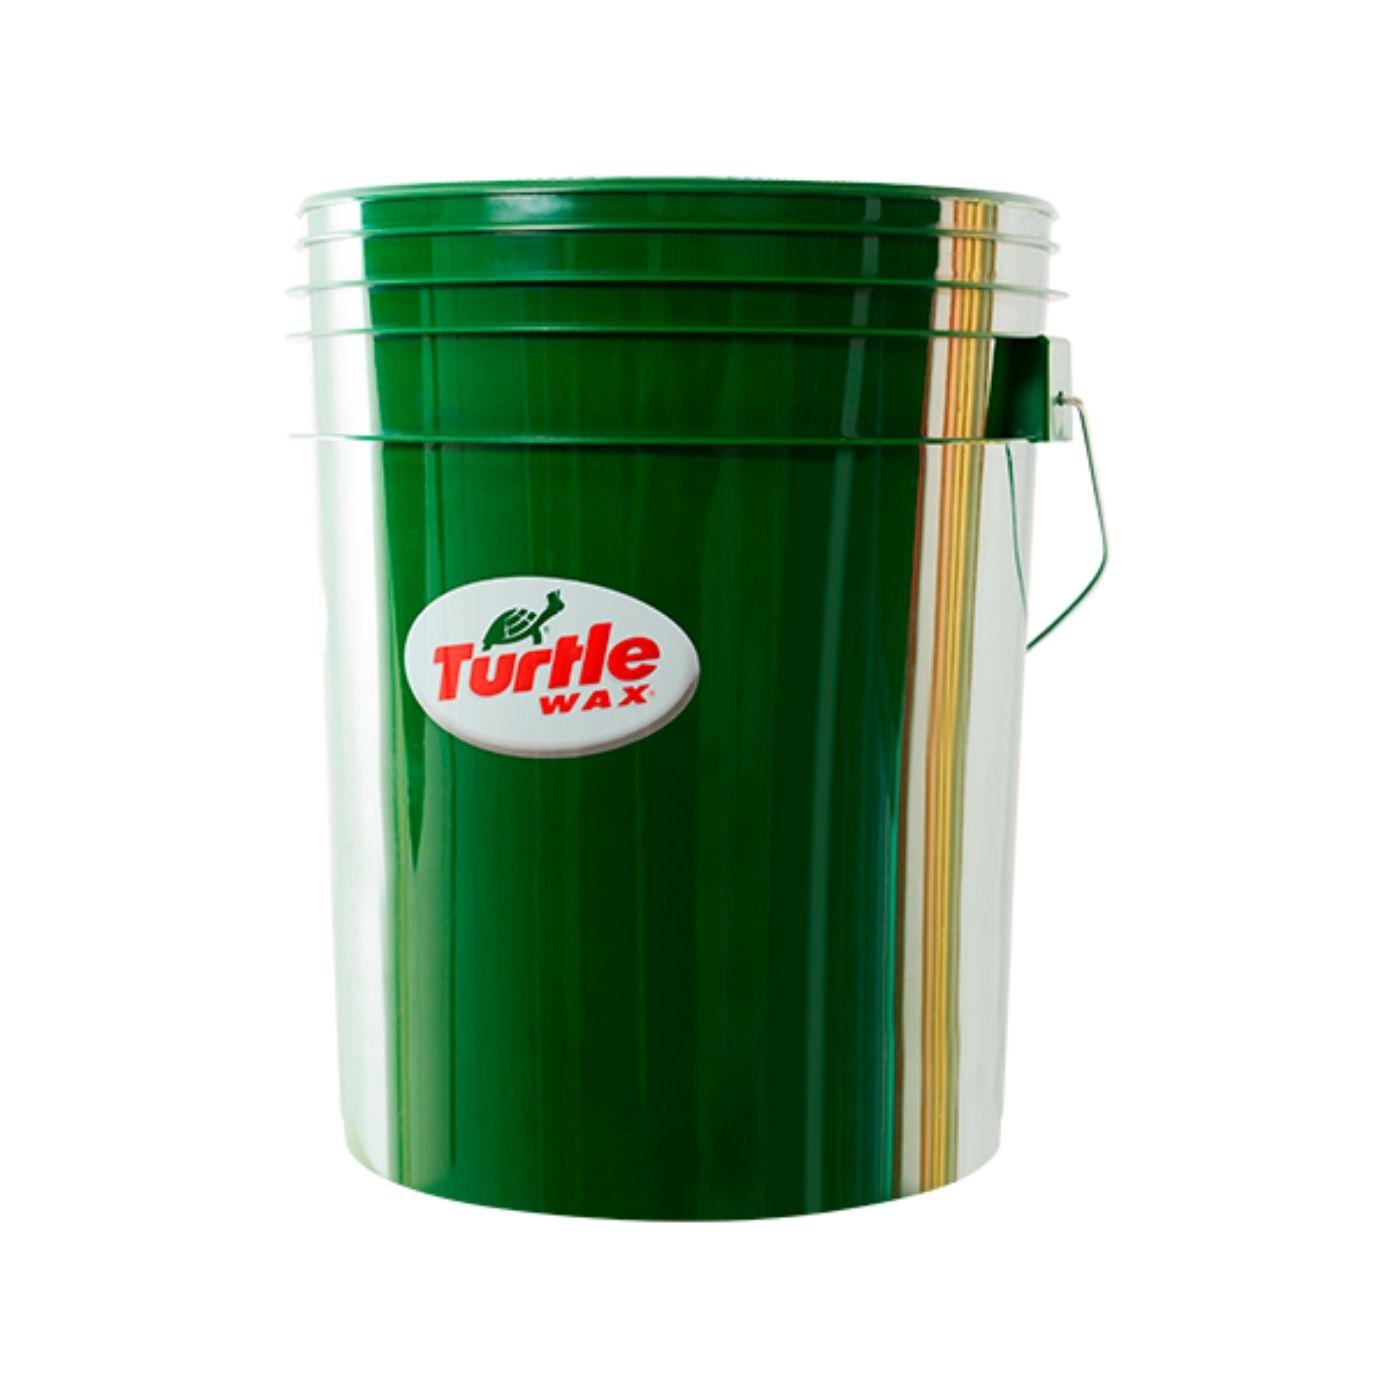 Tvätthink Turtle Wax, 19 liter